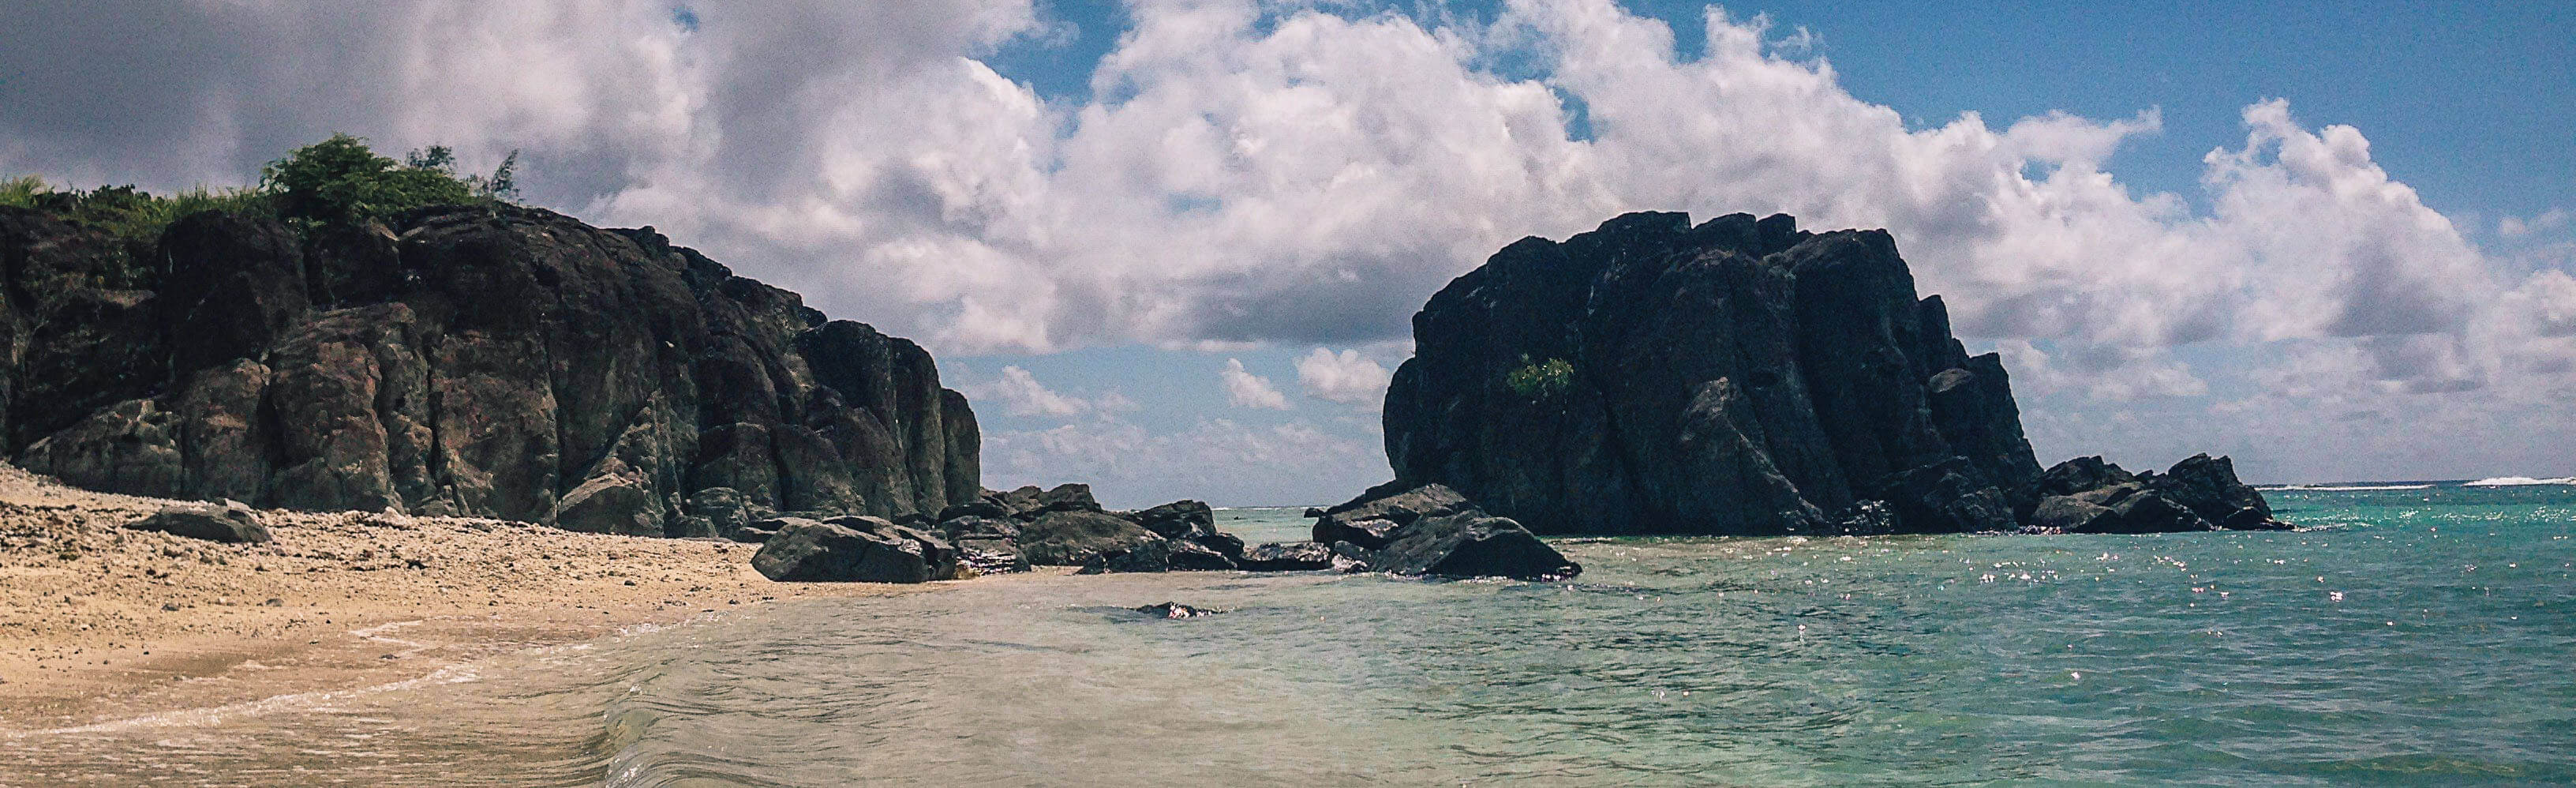 Black Rock Beach in Rarotonga packing guide.